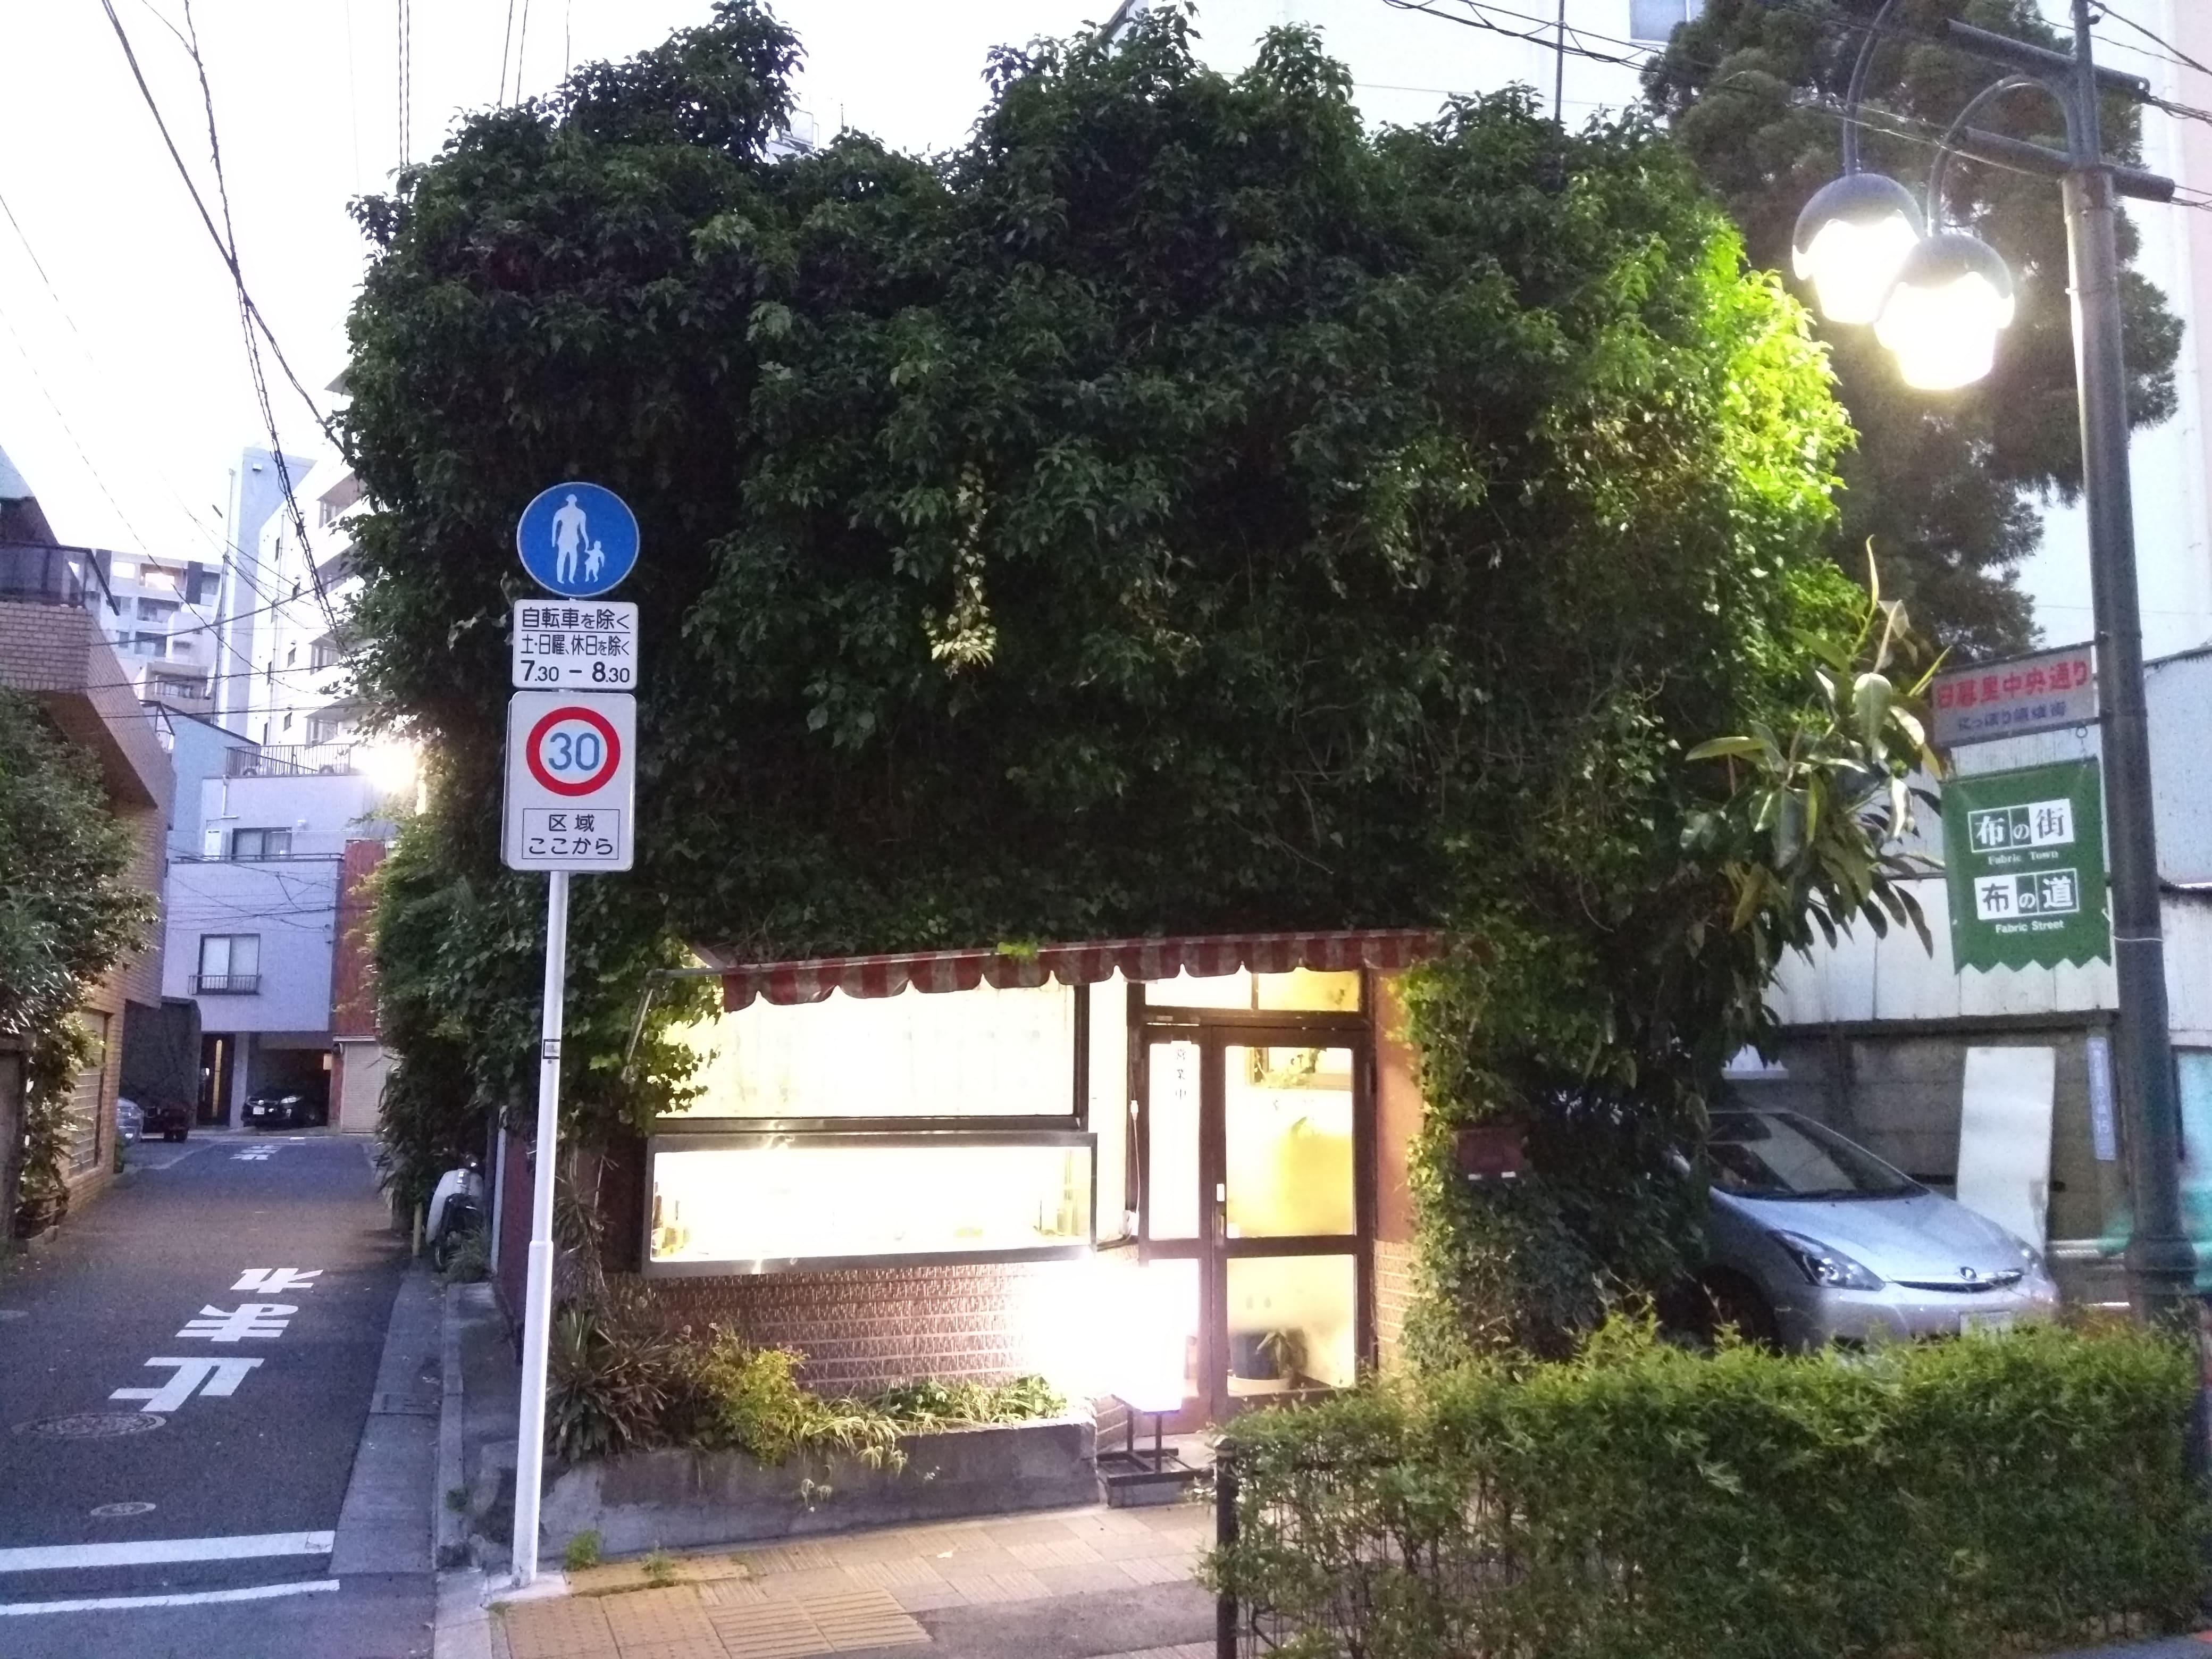 コミック版「孤独のグルメ」に出た繊維街のノスタルジックな洋食屋 ~ 日暮里 ニューマルヤ